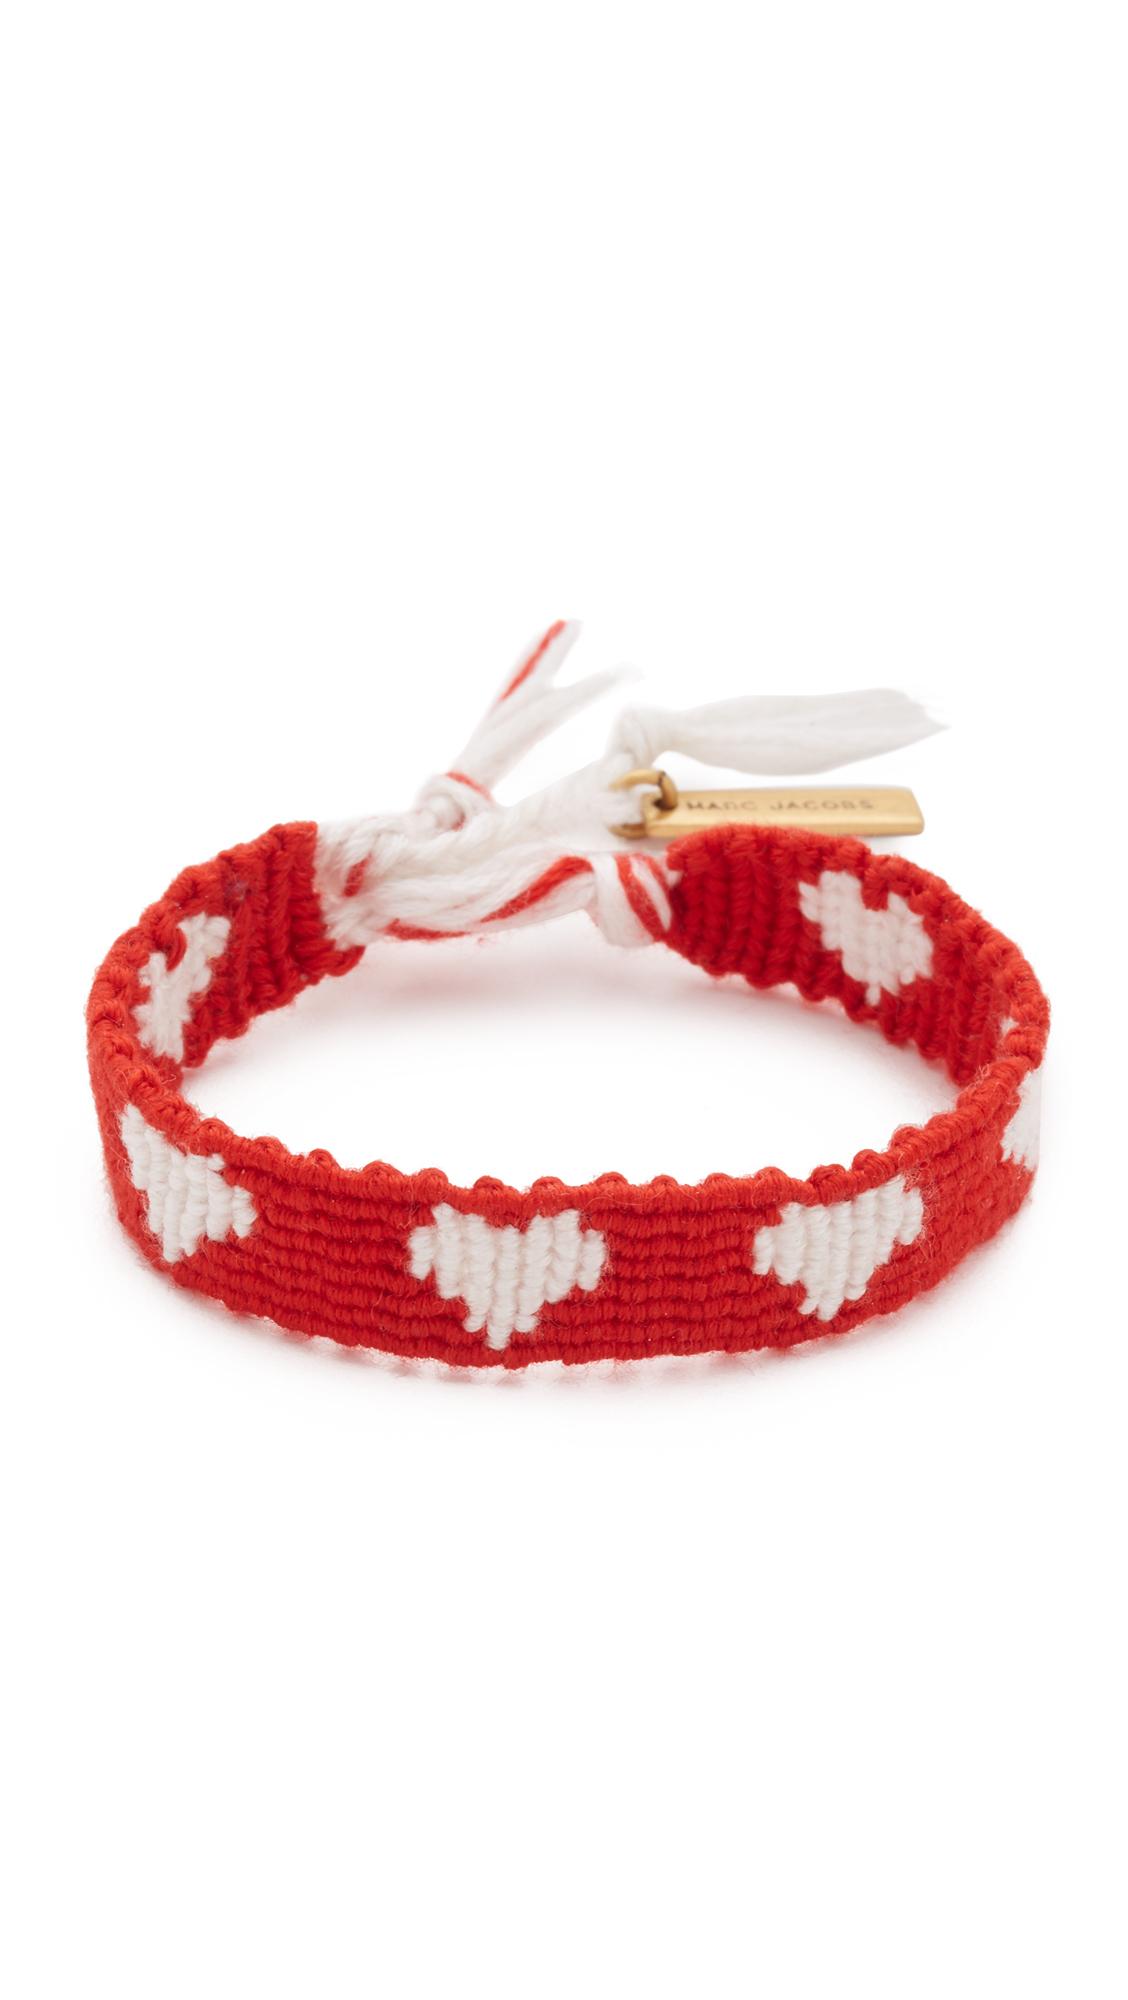 Lyst Marc Jacobs Heart Macrame Bracelet In Red